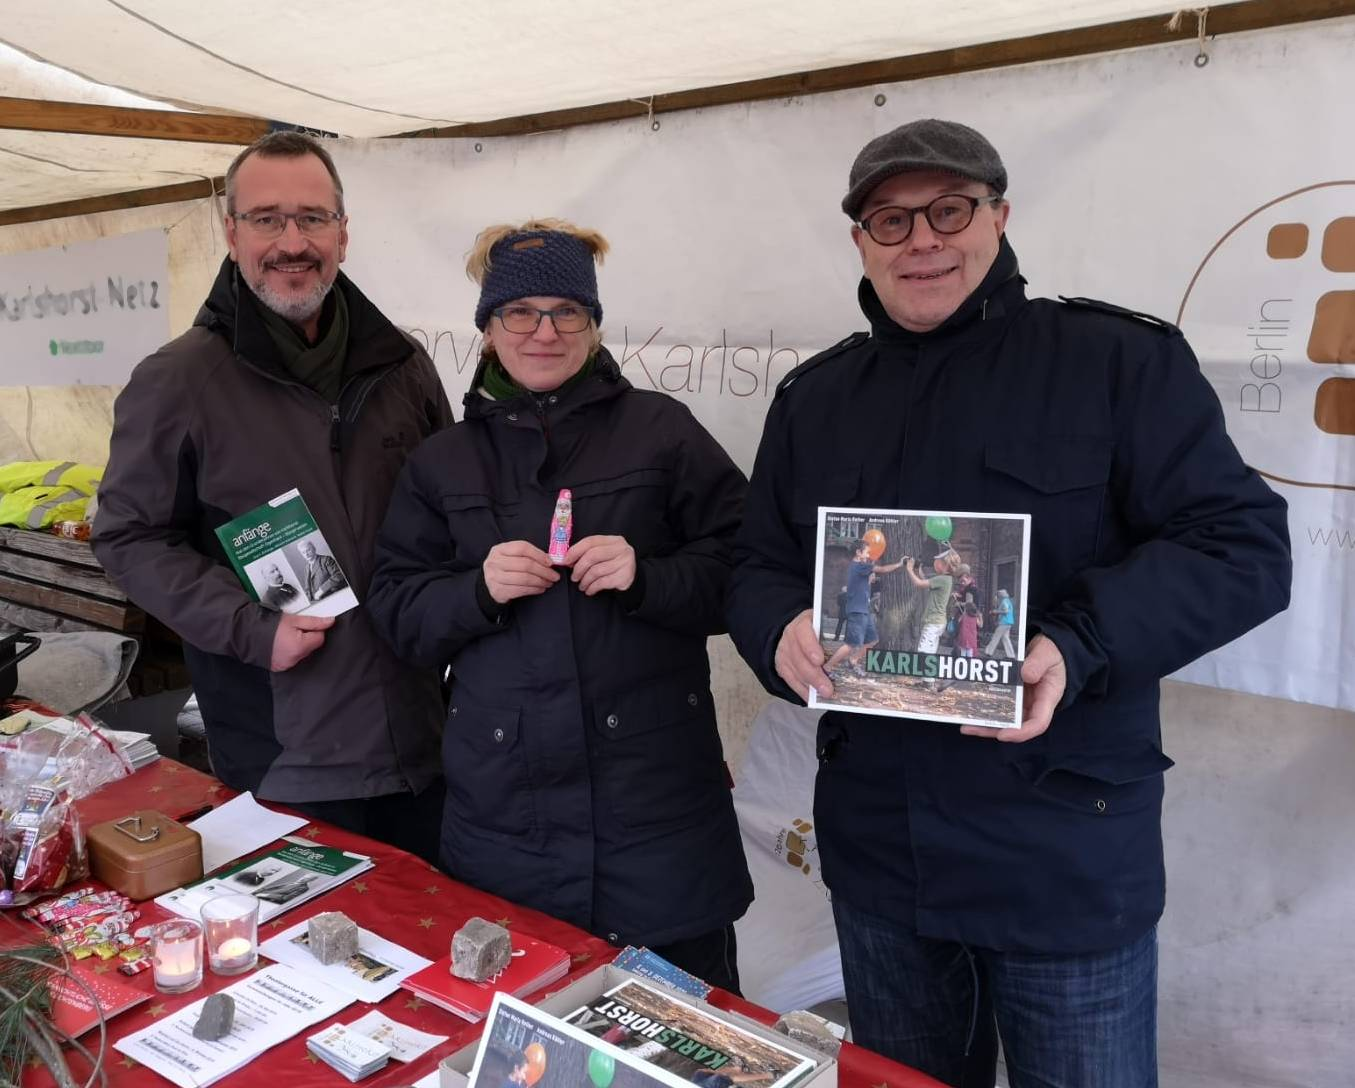 Weihnachtsmarkt Karlshorst.Karlshorster Weihnachtsmarkt 2018 Bürgerverein Karlshorst E V